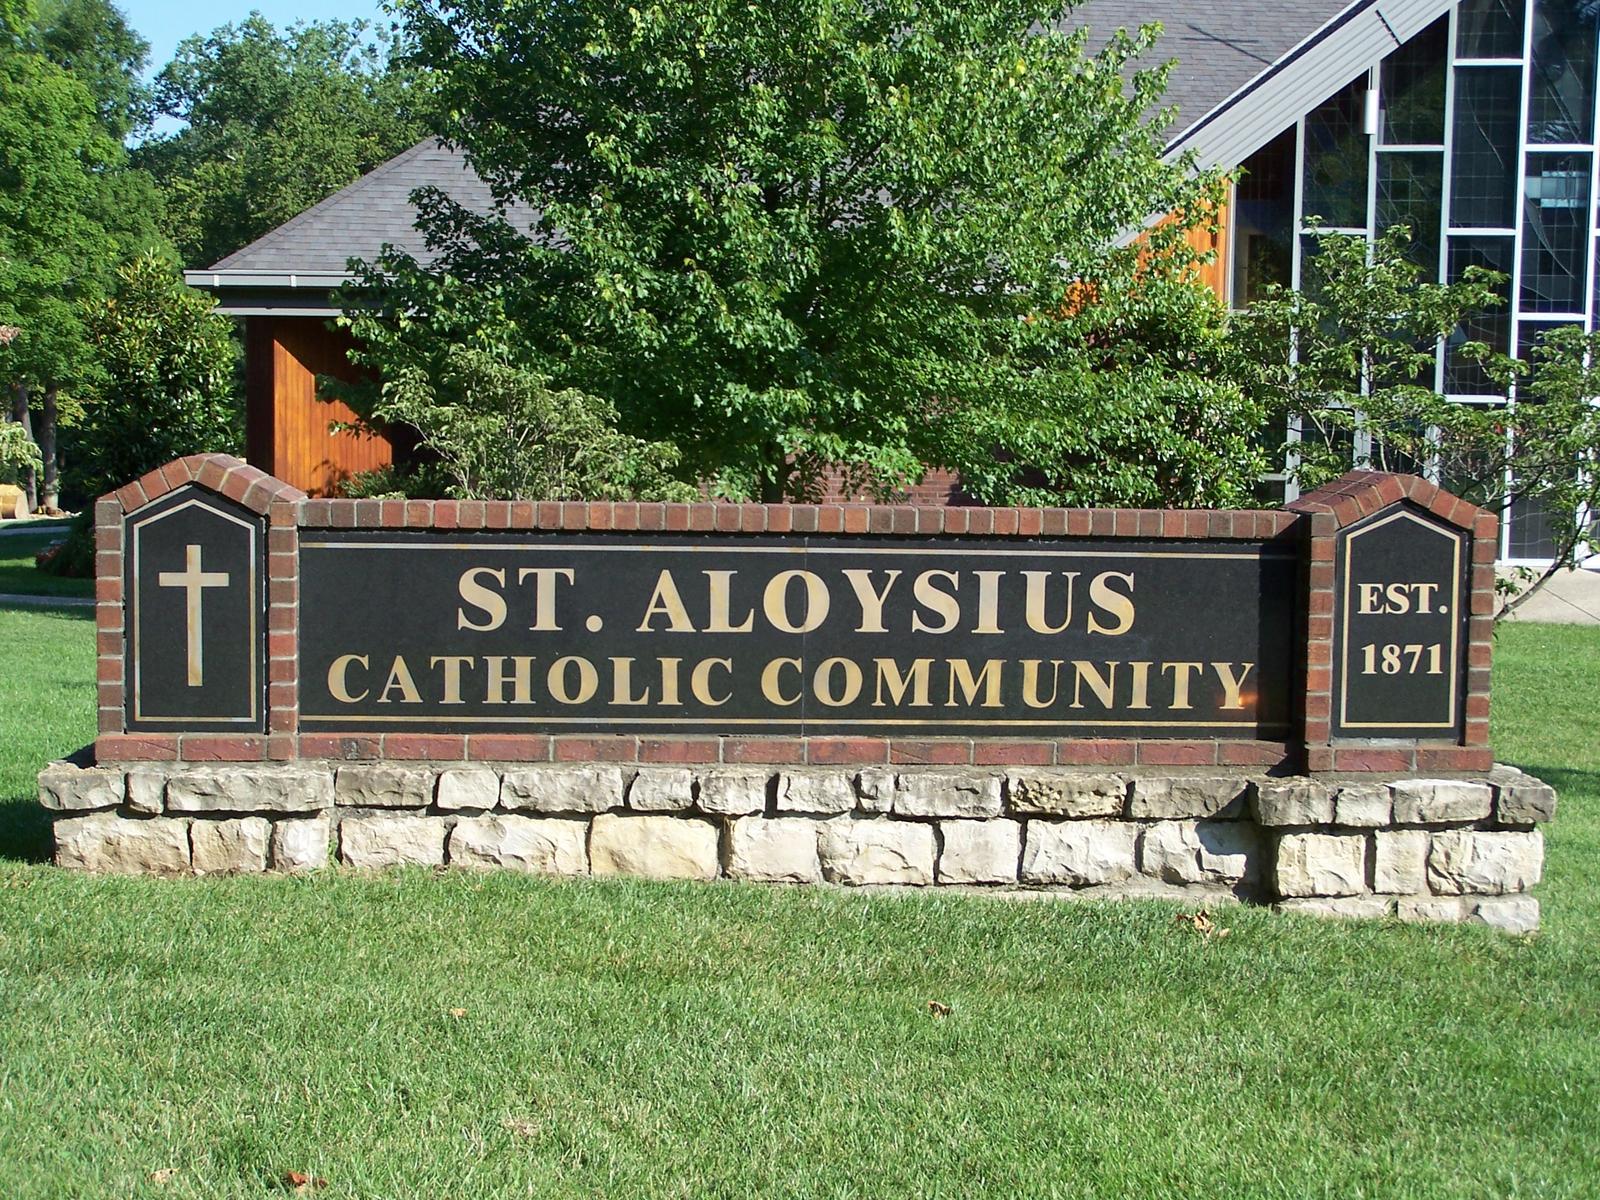 San aloysius pee wee valley